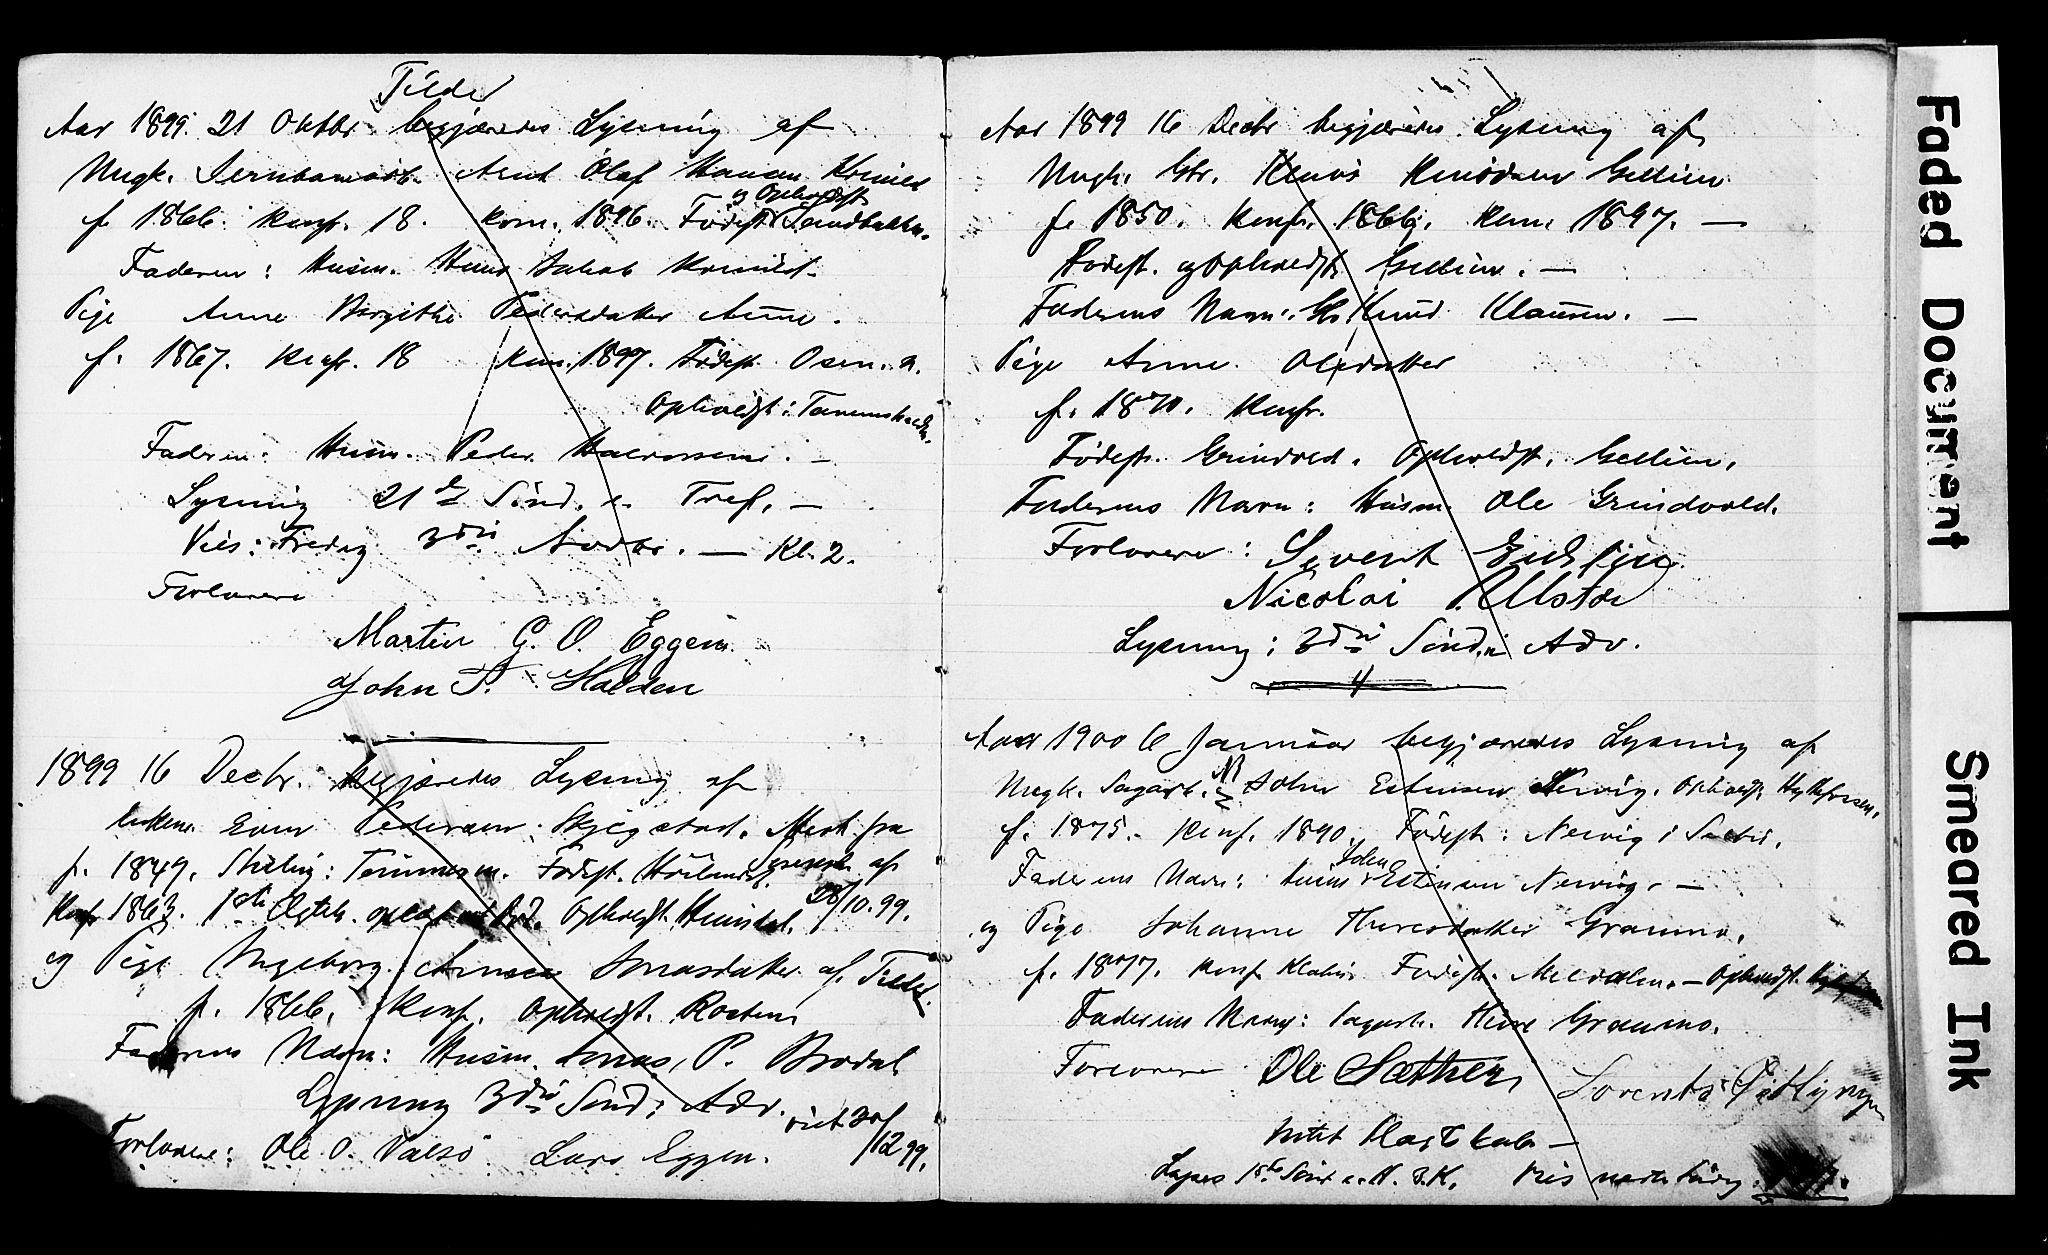 SAT, Ministerialprotokoller, klokkerbøker og fødselsregistre - Sør-Trøndelag, 618/L0446: Lysningsprotokoll nr. 618A09, 1899-1916